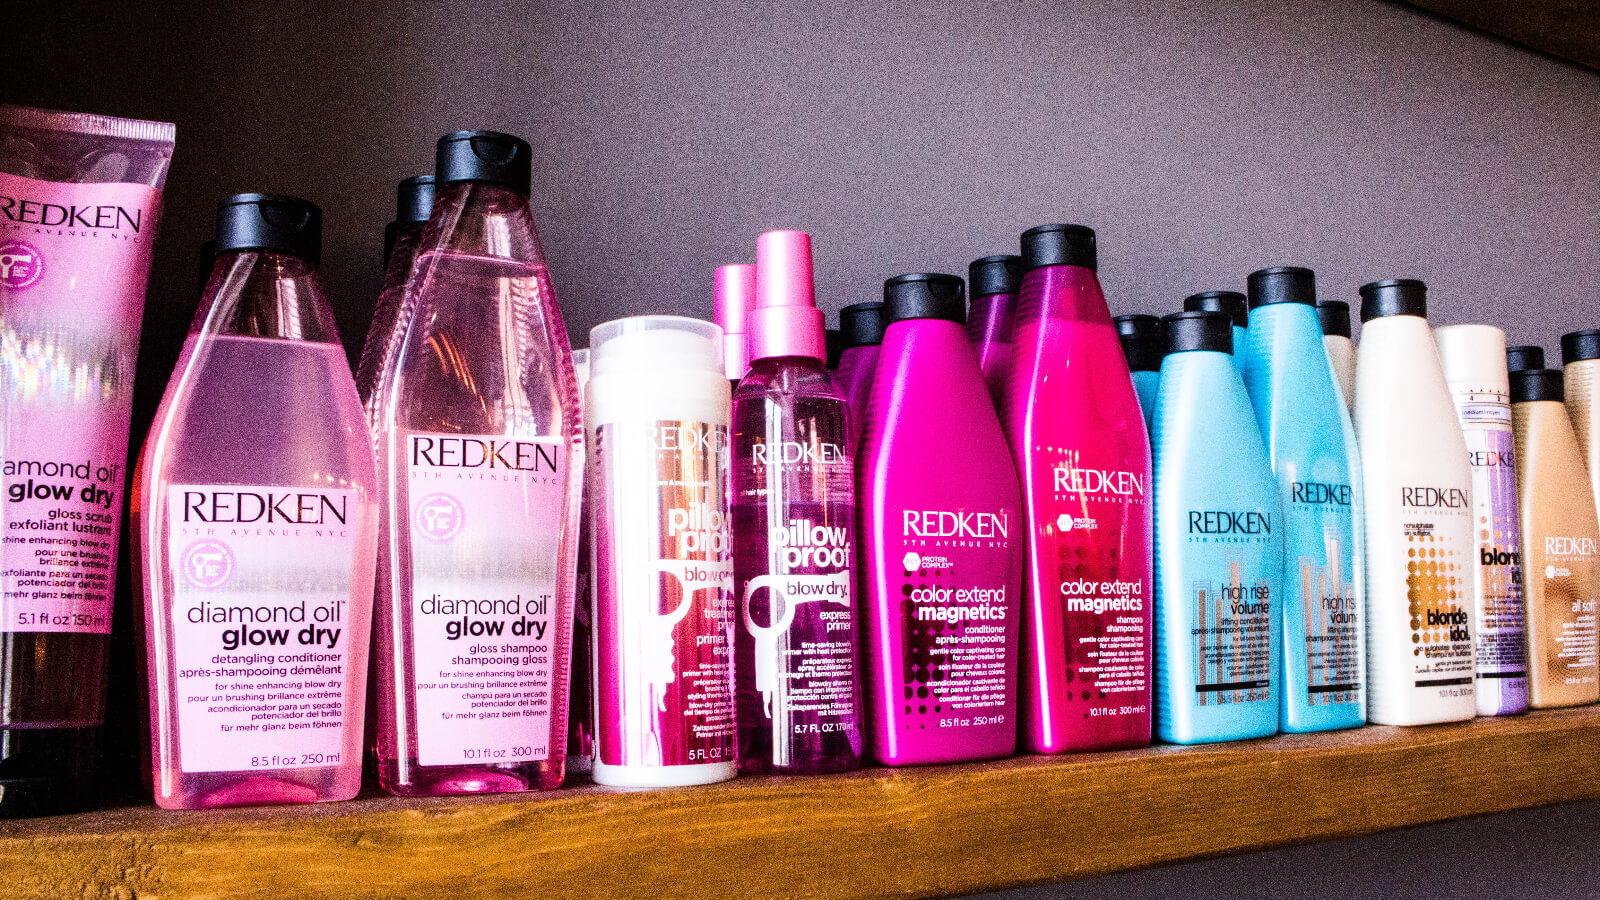 miglior-shampoo-per-capelli-colorati